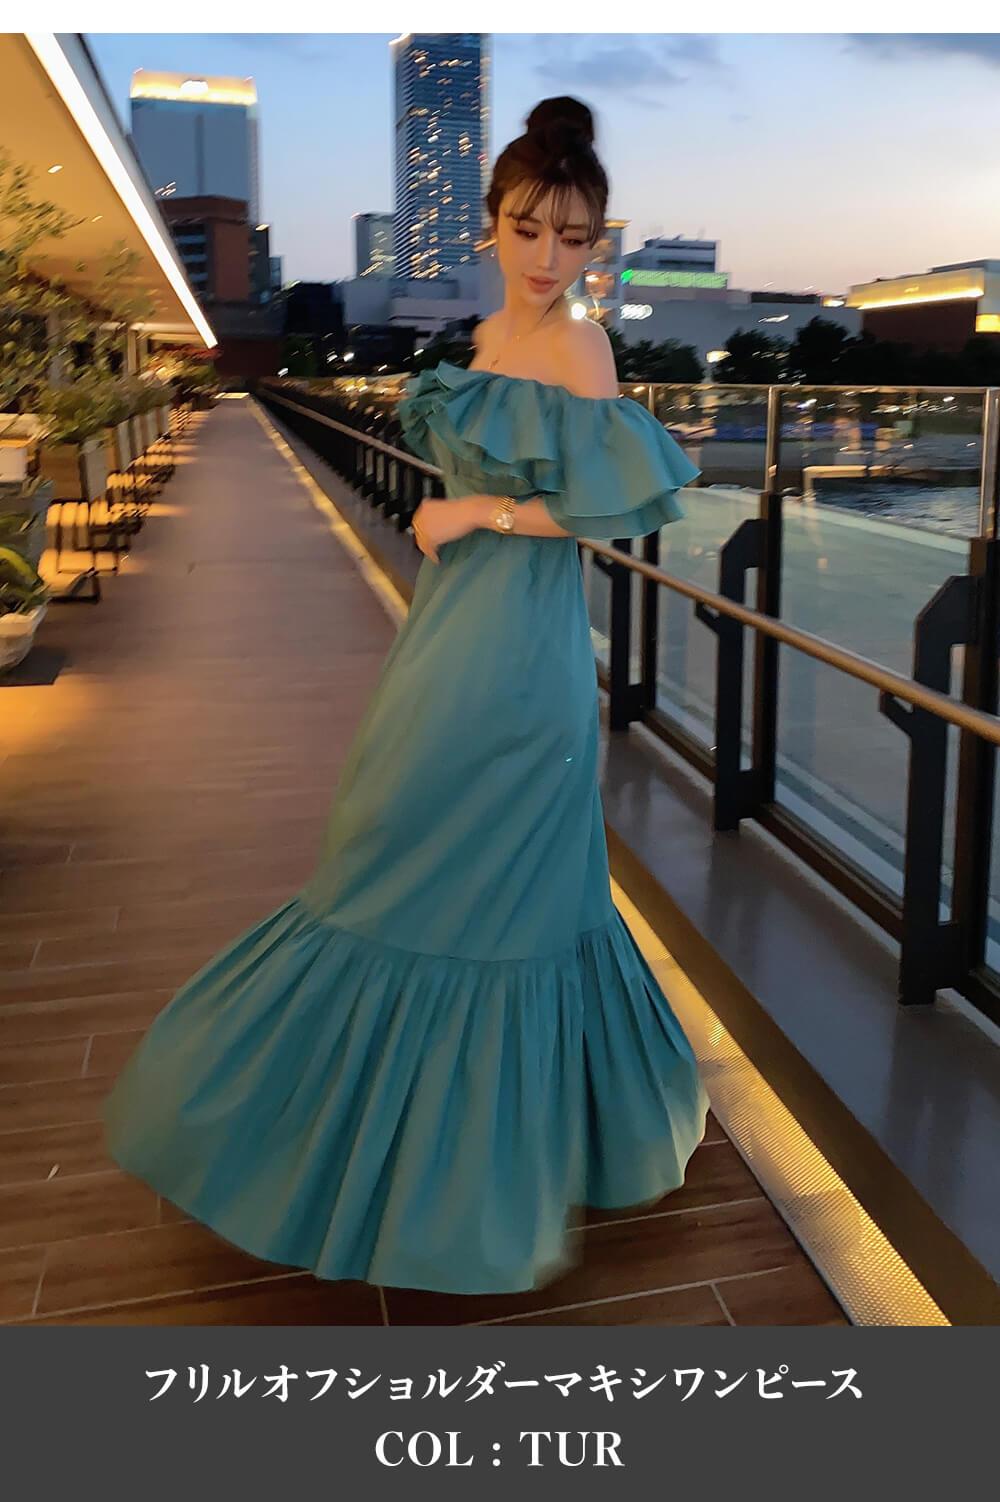 エイミーイストワール210621企画のMANAMIさん着用アイテム